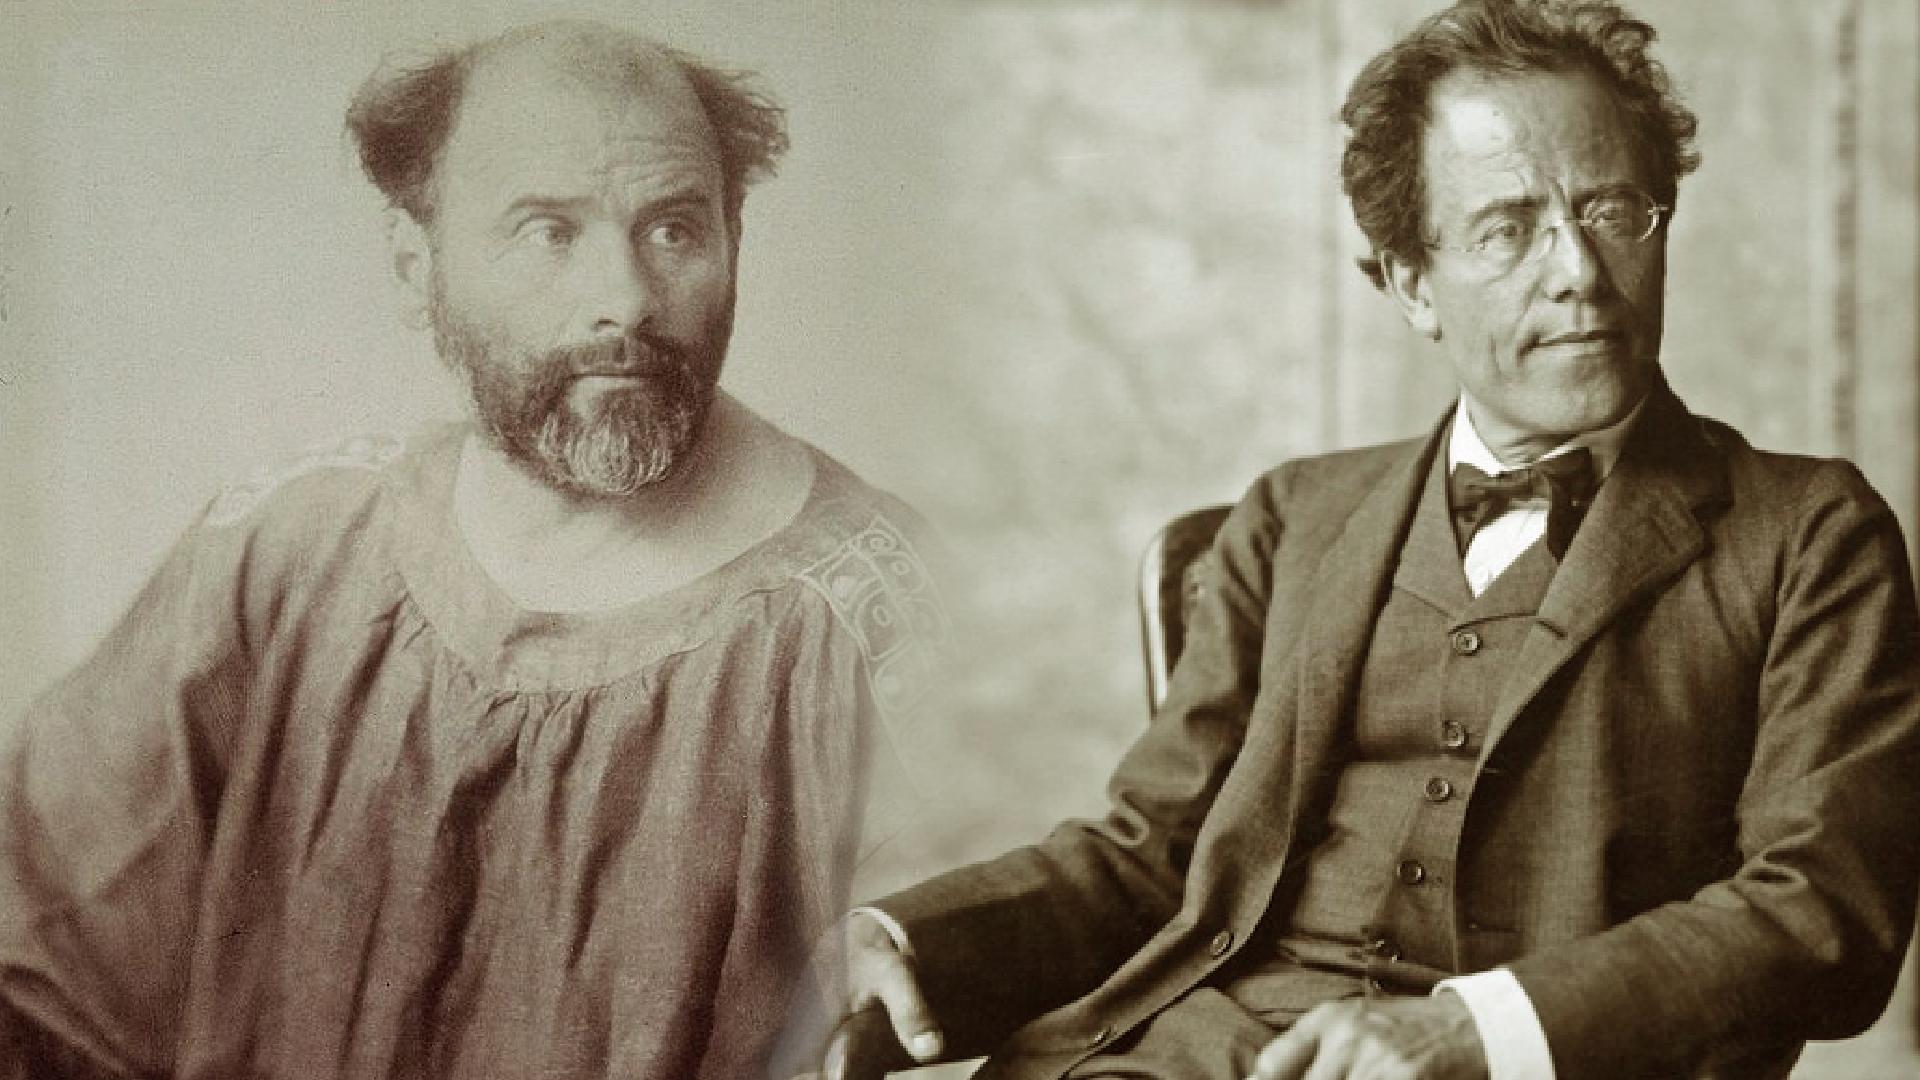 Two Gustavs, Mahler & Klimt